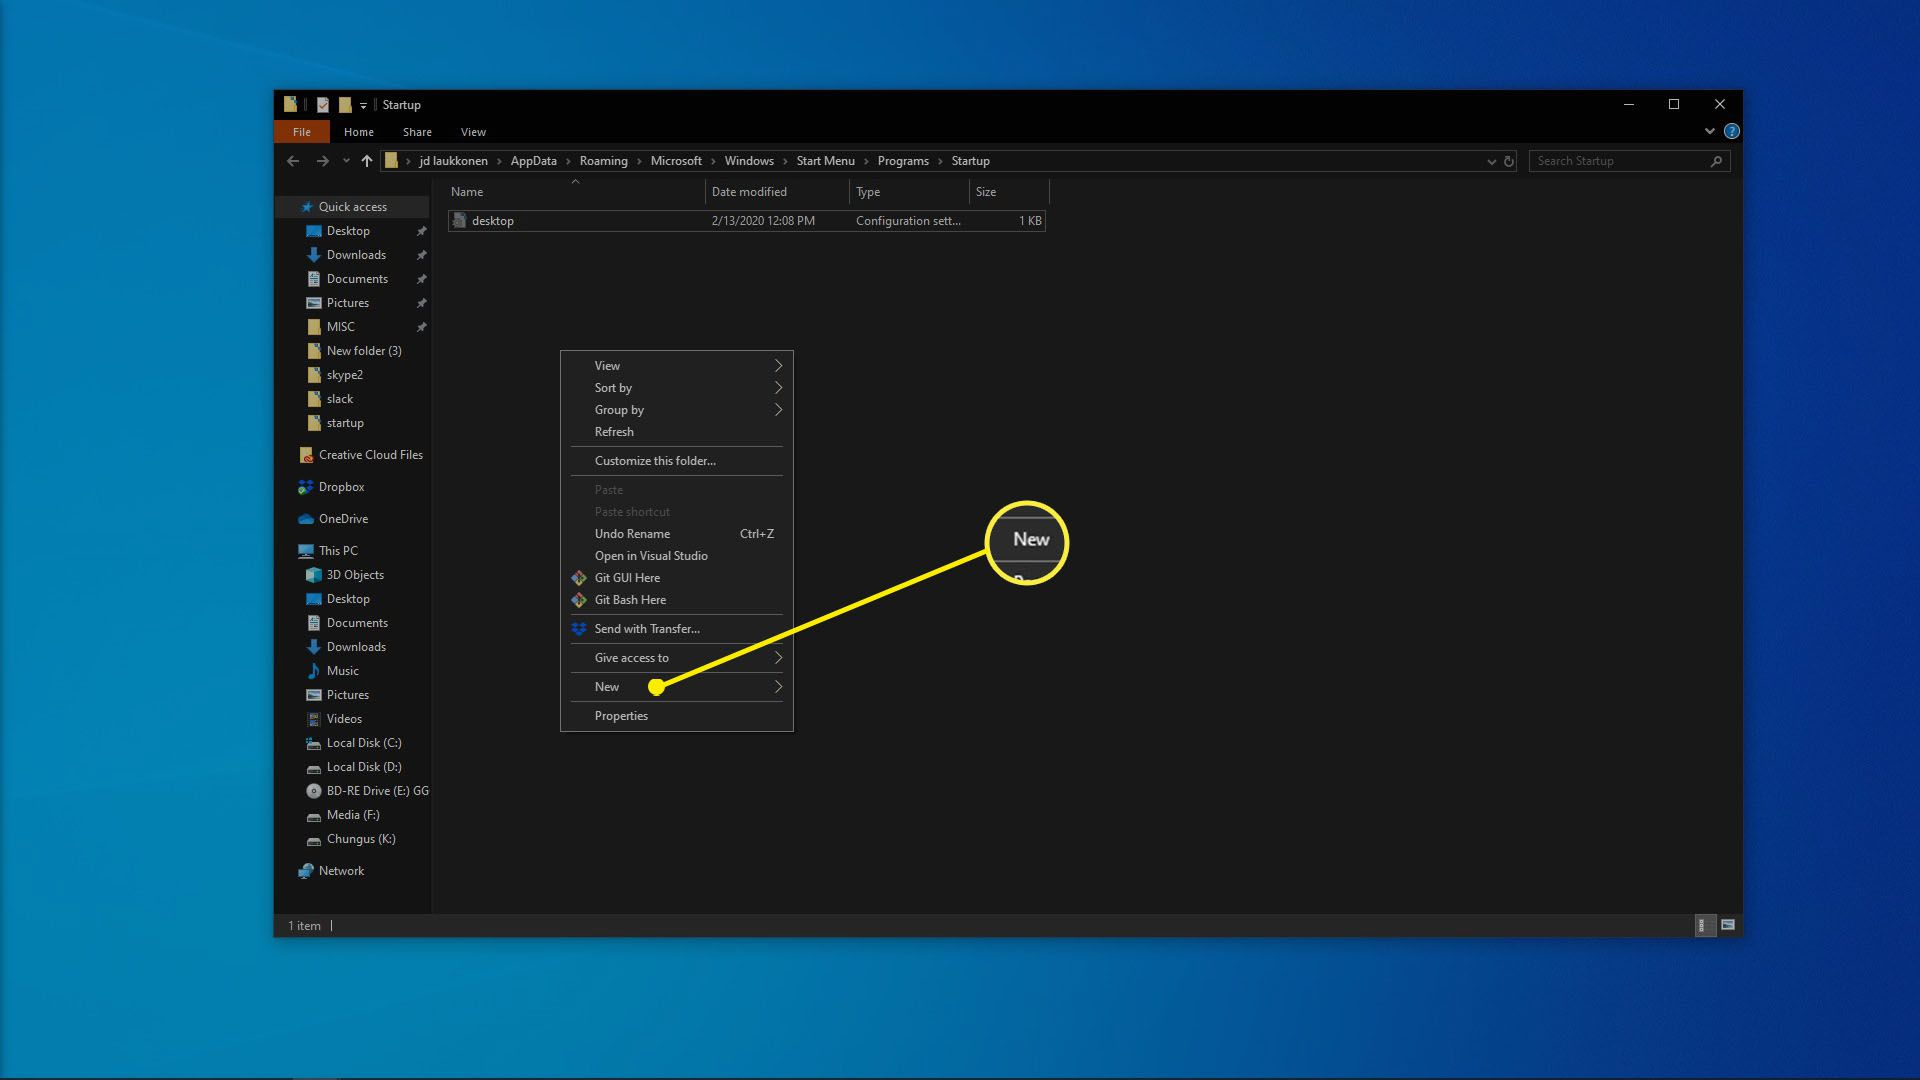 A screenshot of the Windows 10 startup folder.